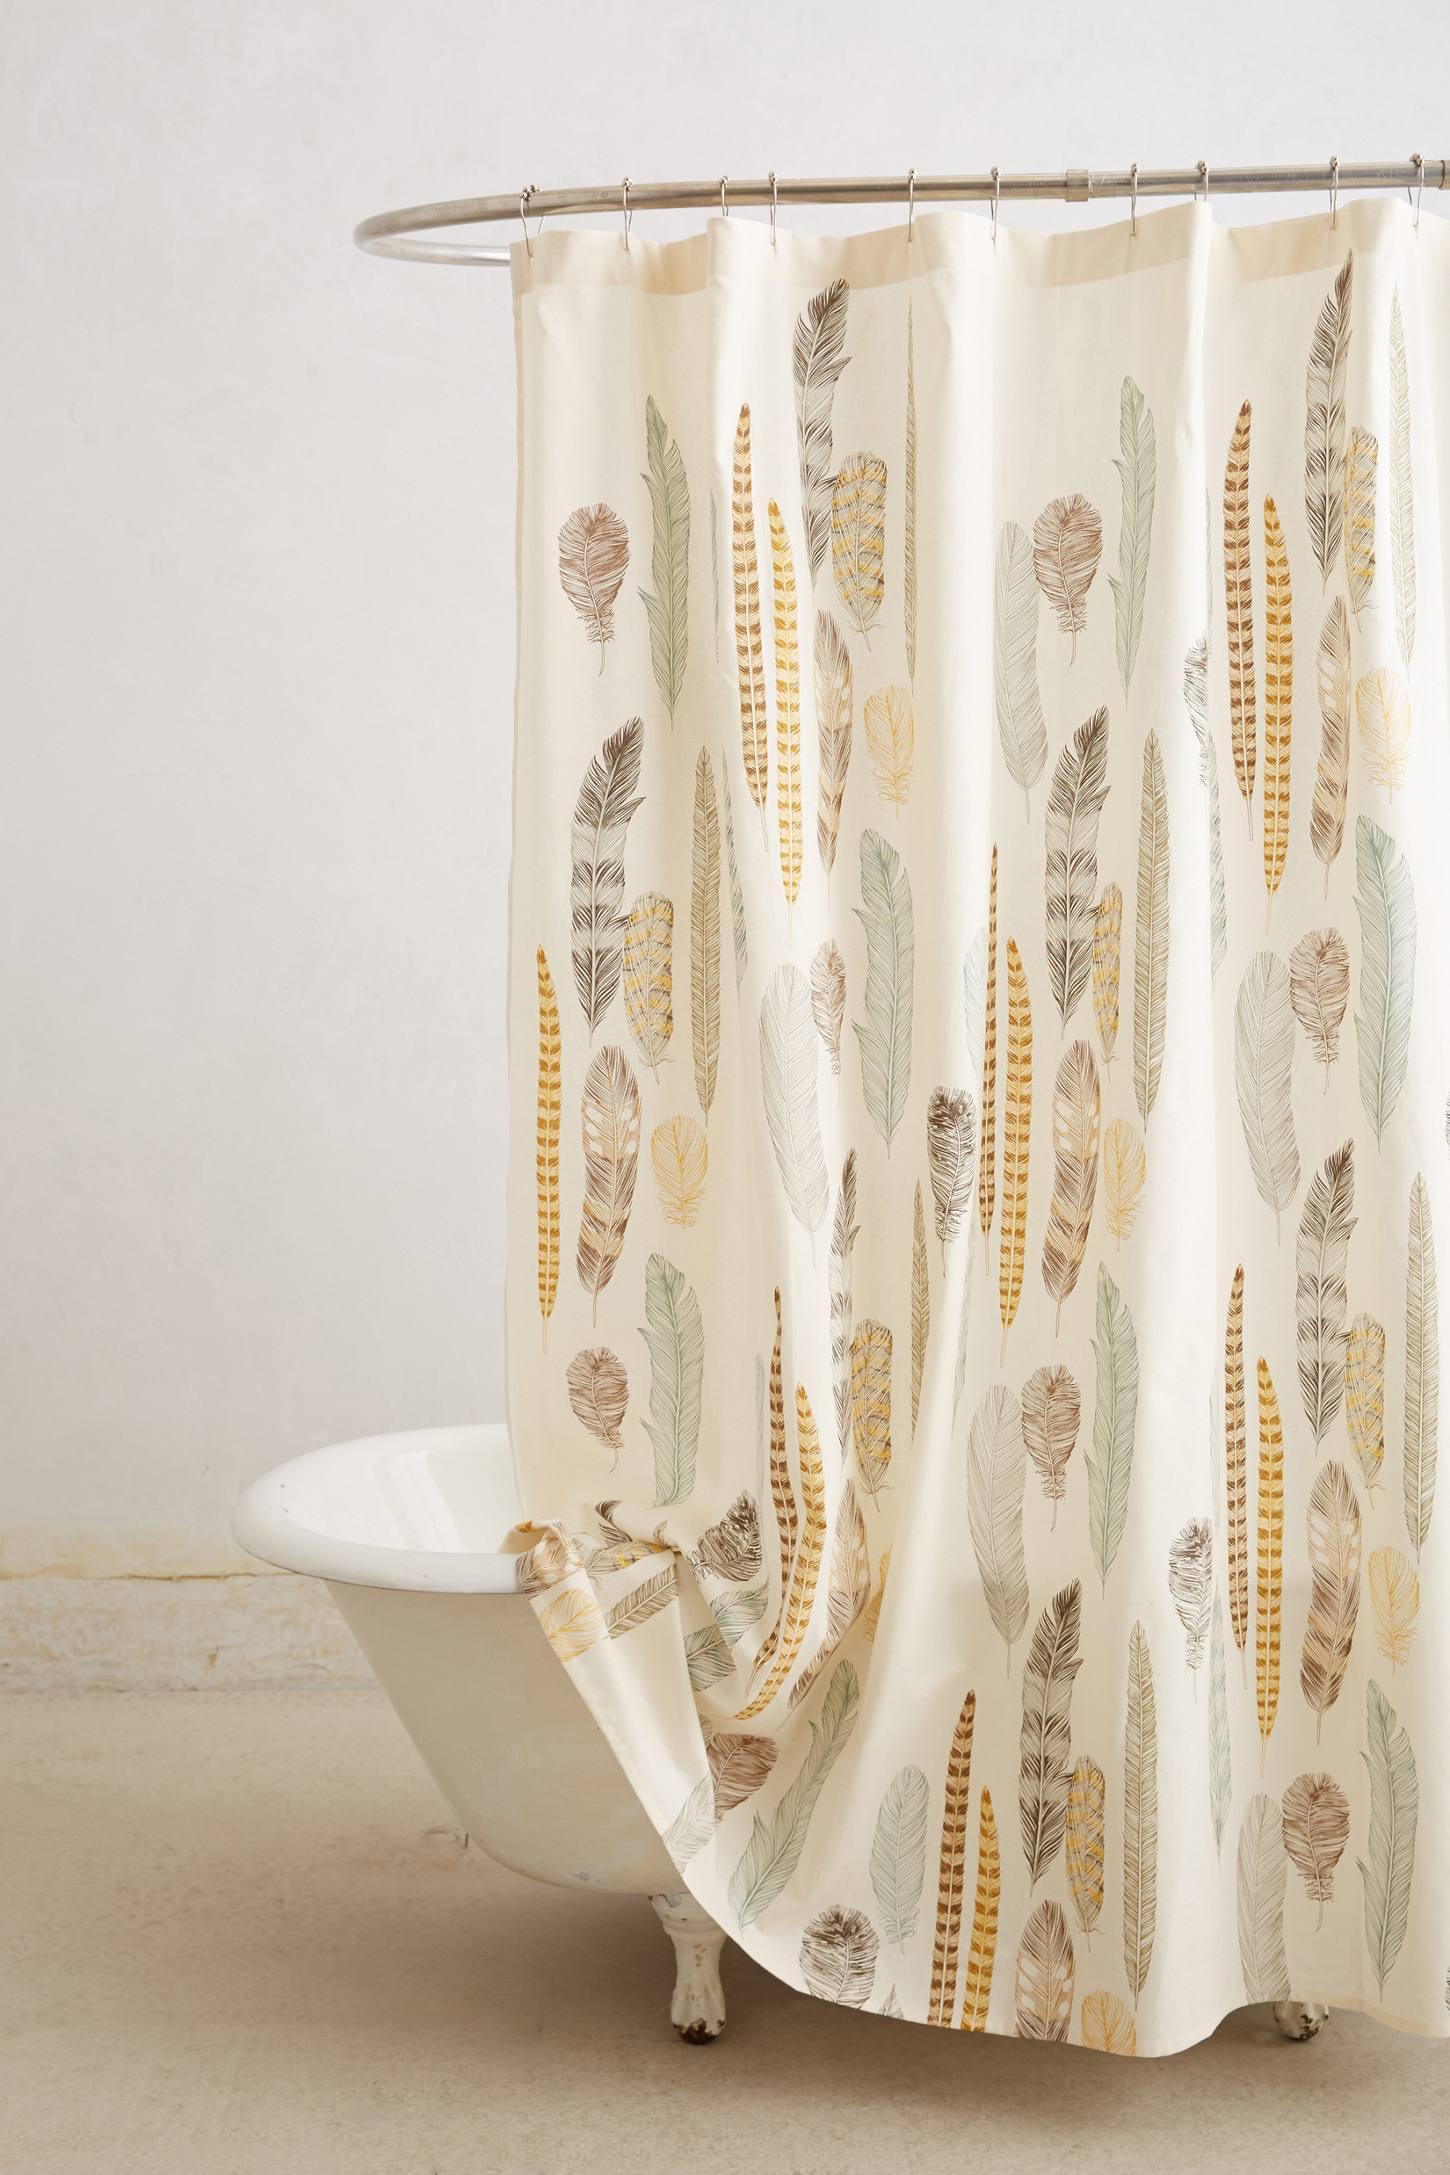 Fallen Quills Shower Curtain   from Anthropologie